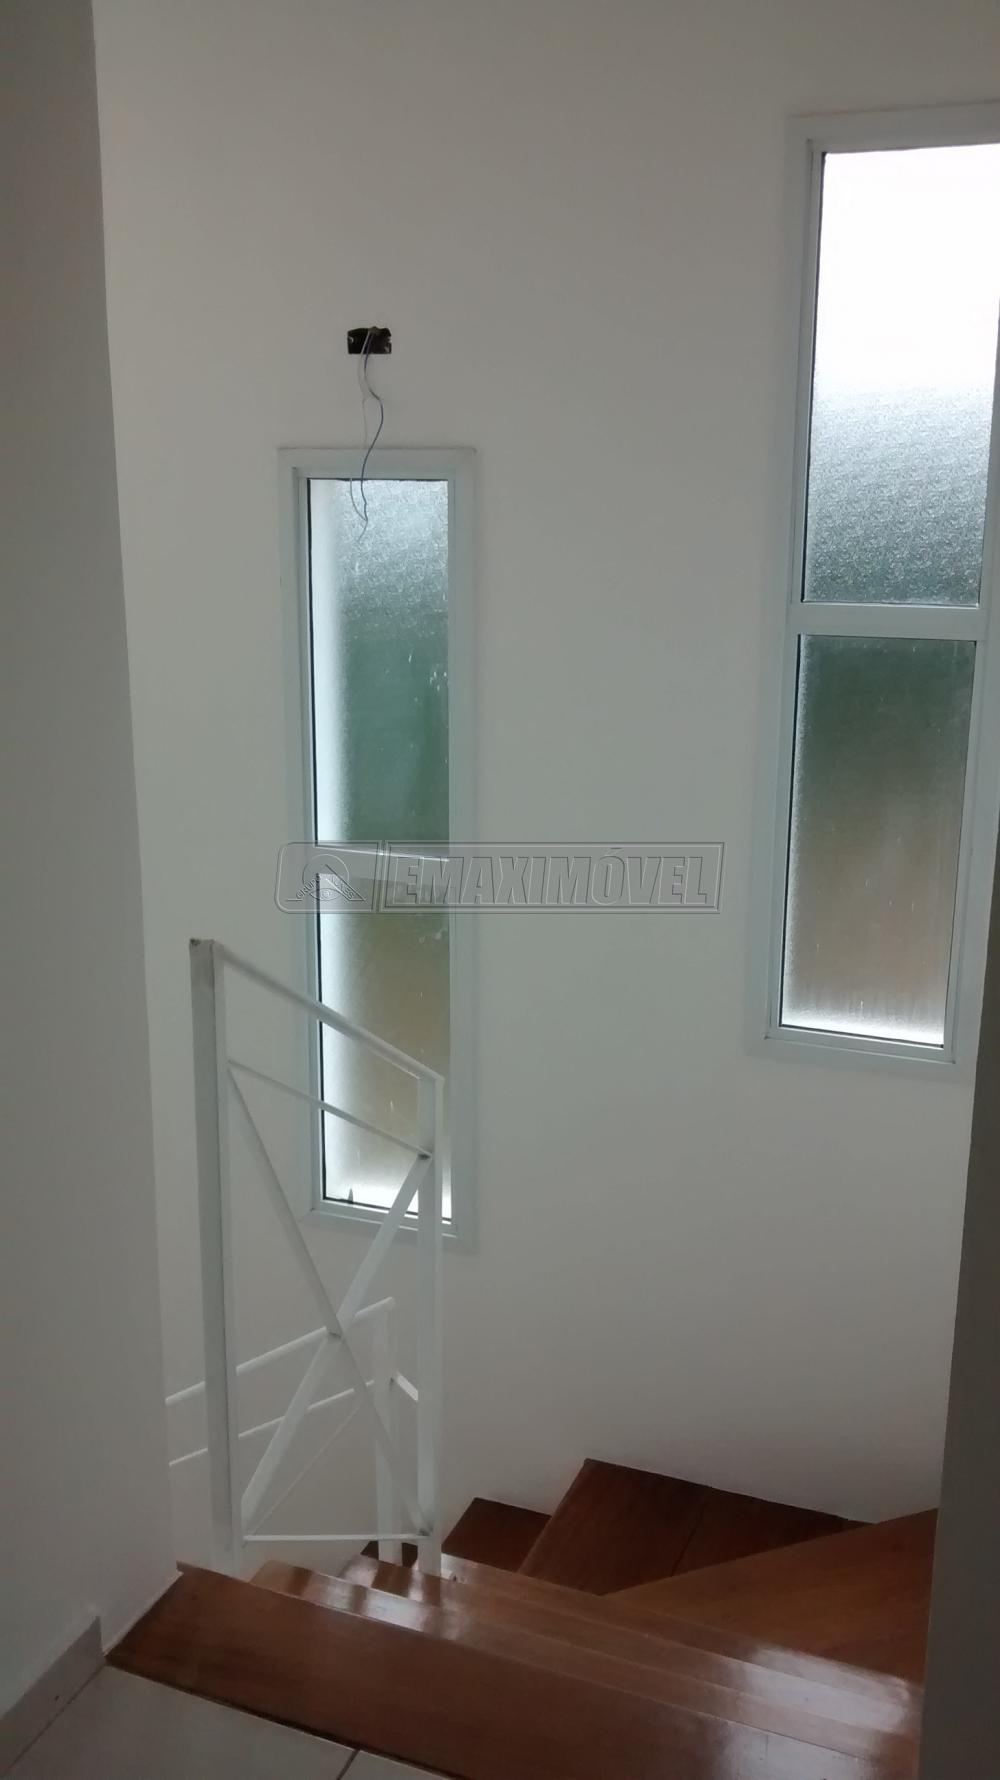 Alugar Casas / em Condomínios em Sorocaba apenas R$ 2.000,00 - Foto 14